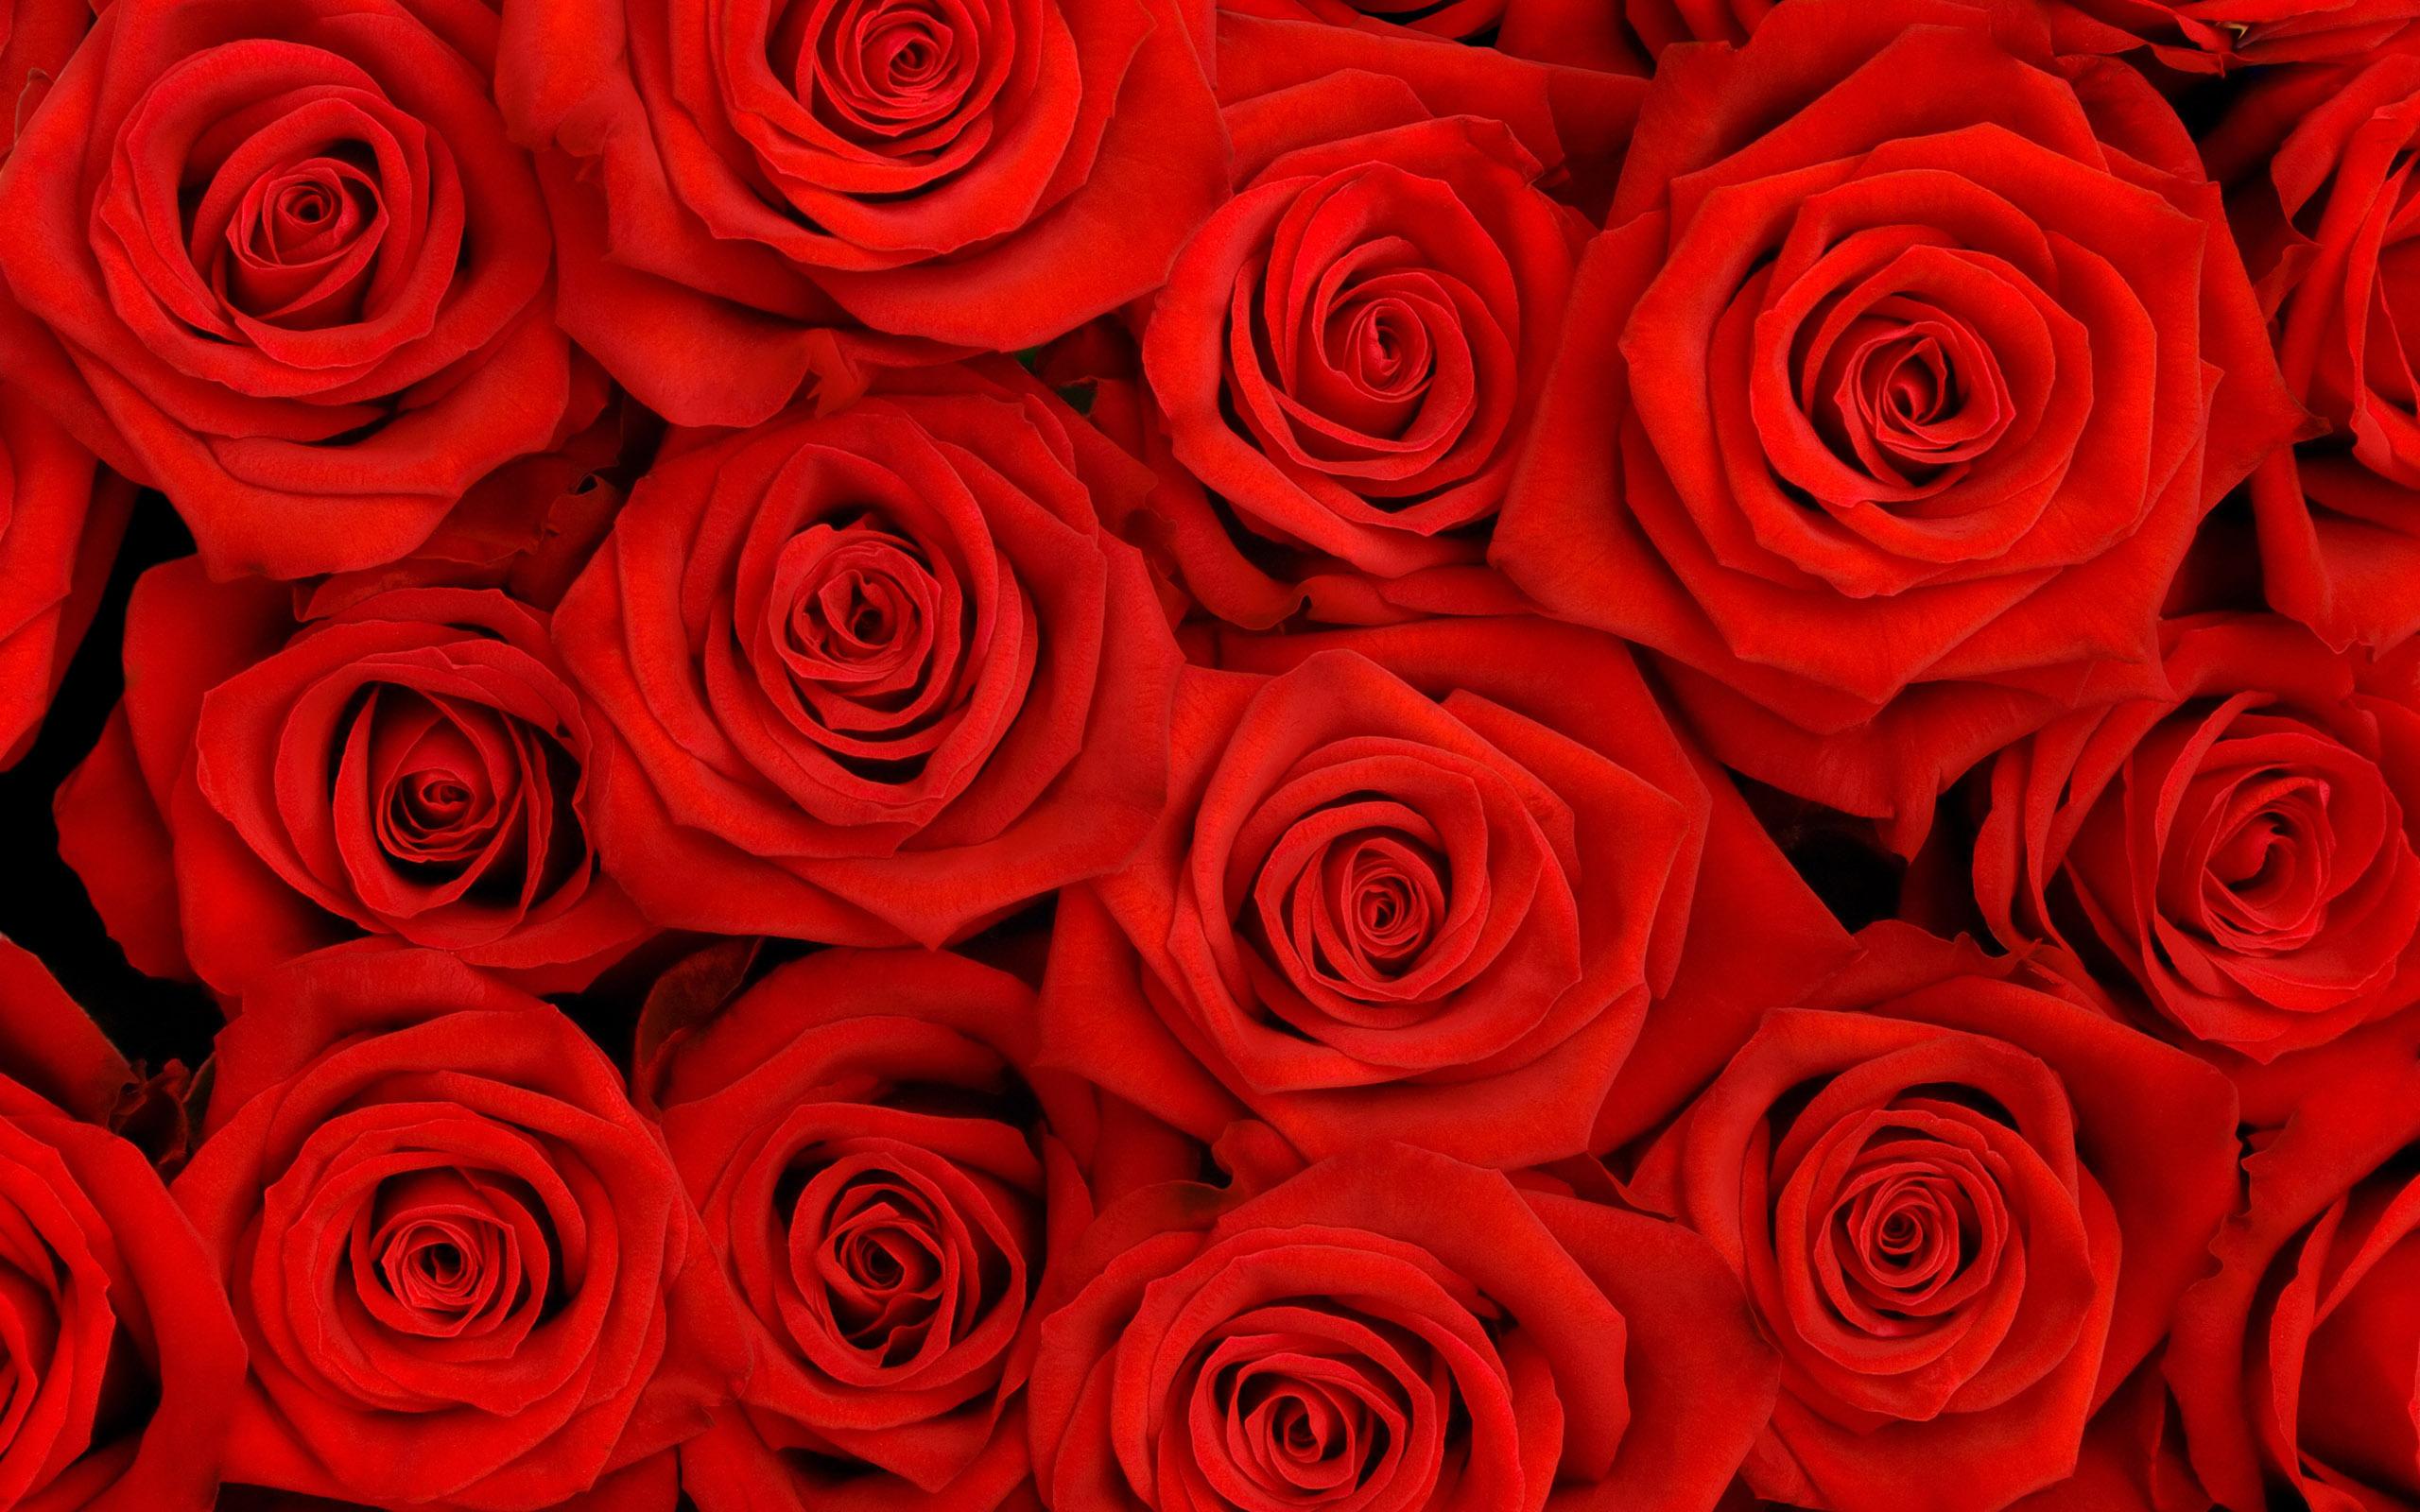 cool rose wallpaper 45384